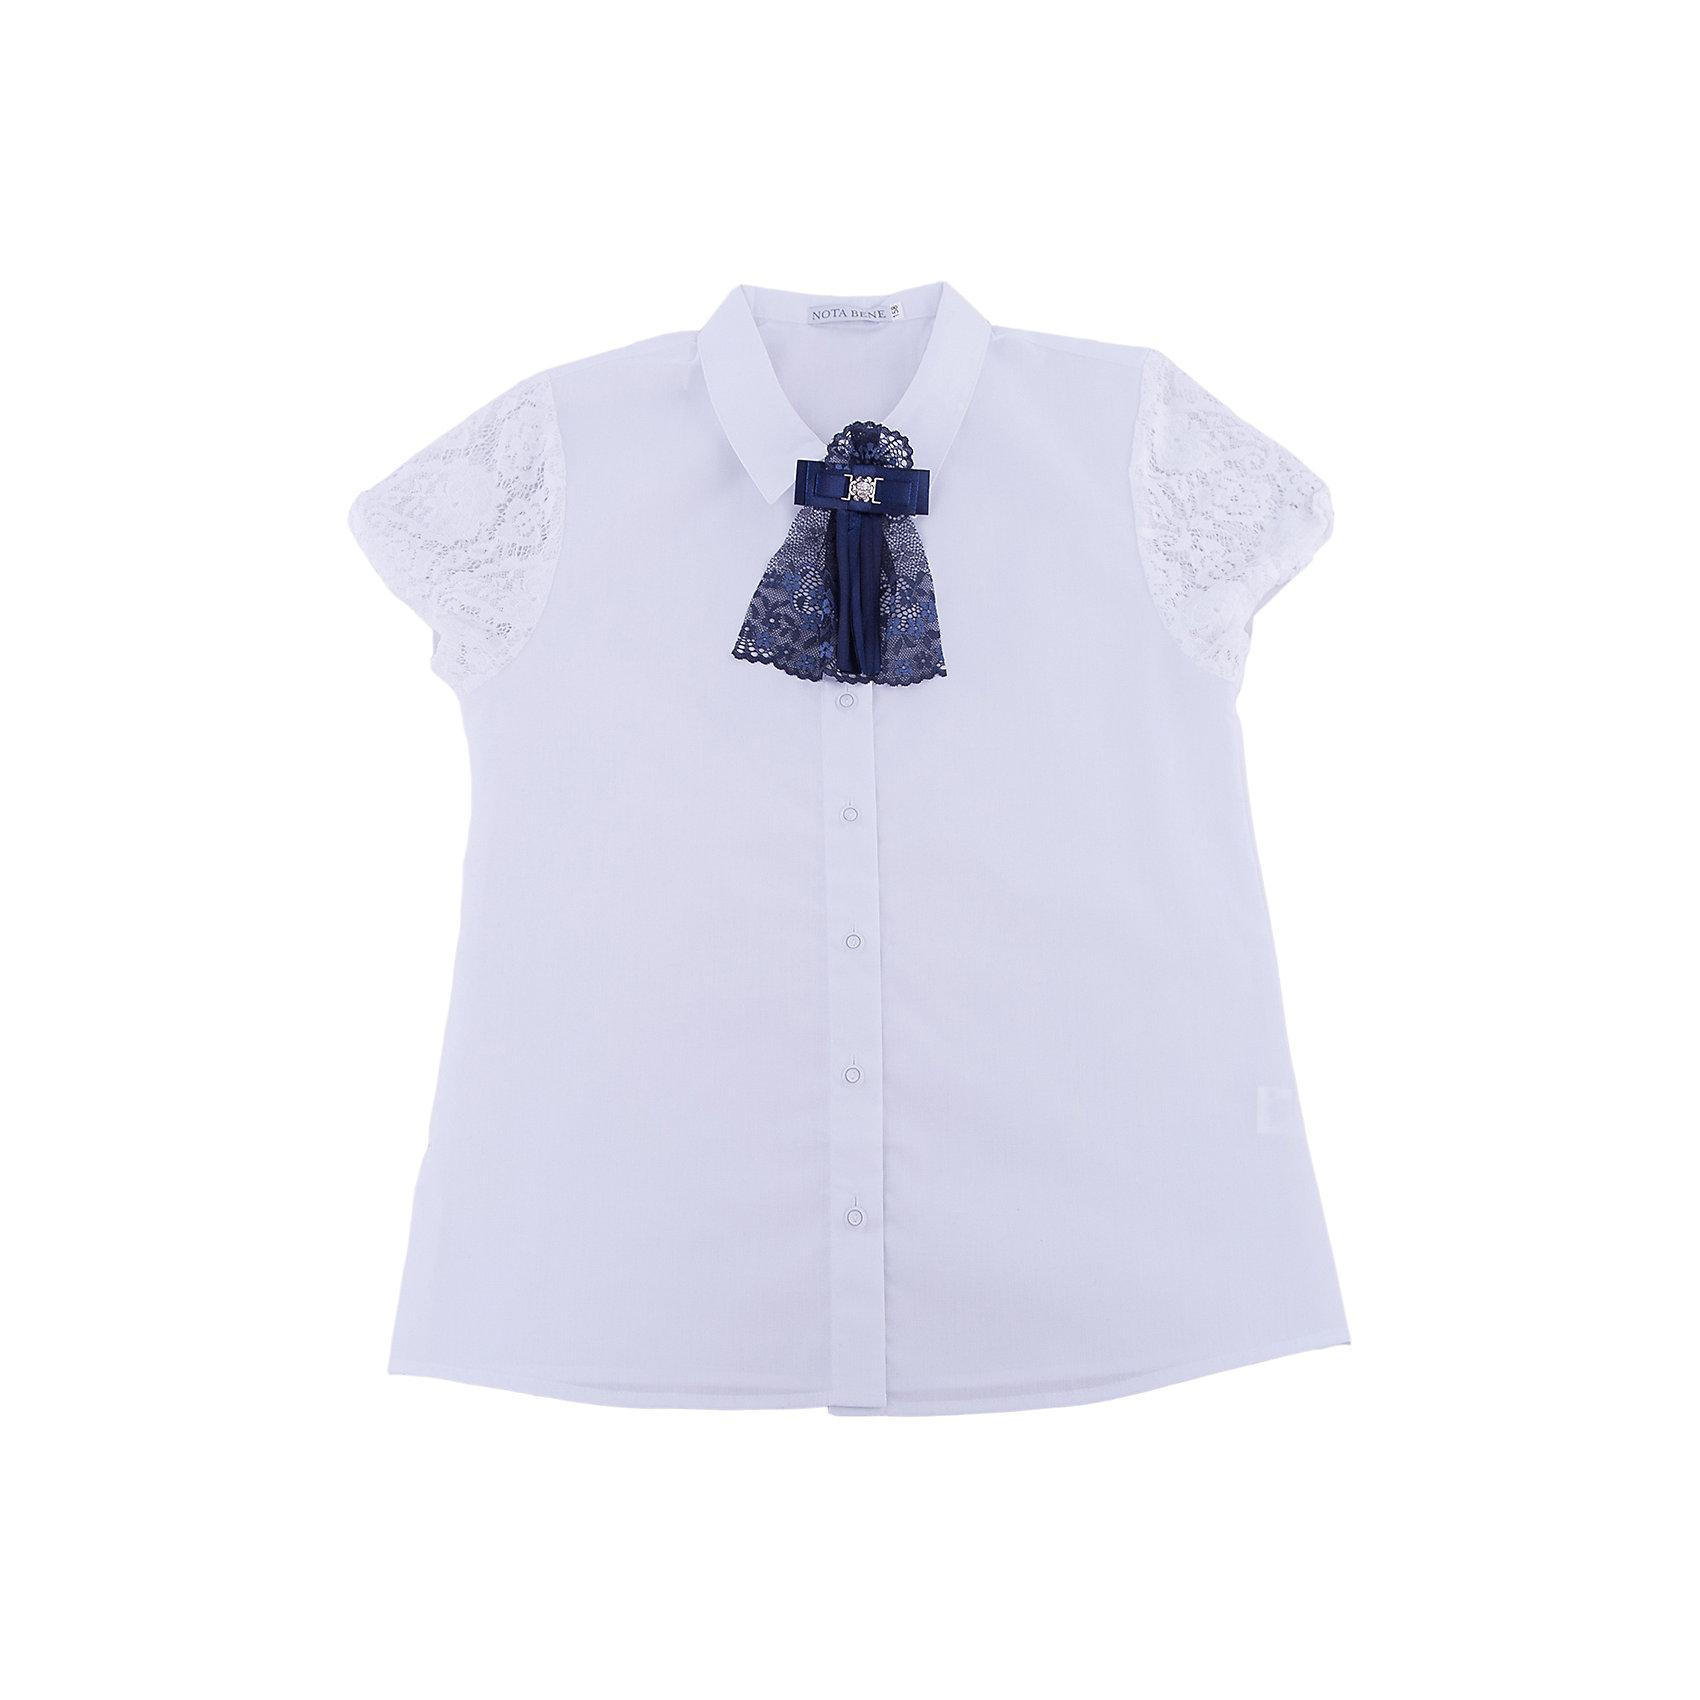 Блузка Nota Bene для девочкиБлузки и рубашки<br>Блузка из текстильного полотна с коротким рукавом. Рукава из кружевного полотна.<br>Отложной воротник. Декор текстильный пристегивающийся на булавку<br>Соответствует размеру.<br>Рекомендована предварительная стирка.<br>Состав:<br>65% хлопок; 35% полиэстер<br><br>Ширина мм: 186<br>Глубина мм: 87<br>Высота мм: 198<br>Вес г: 197<br>Цвет: белый<br>Возраст от месяцев: 84<br>Возраст до месяцев: 96<br>Пол: Женский<br>Возраст: Детский<br>Размер: 128,164,122,134,140,146,152,158<br>SKU: 7012221